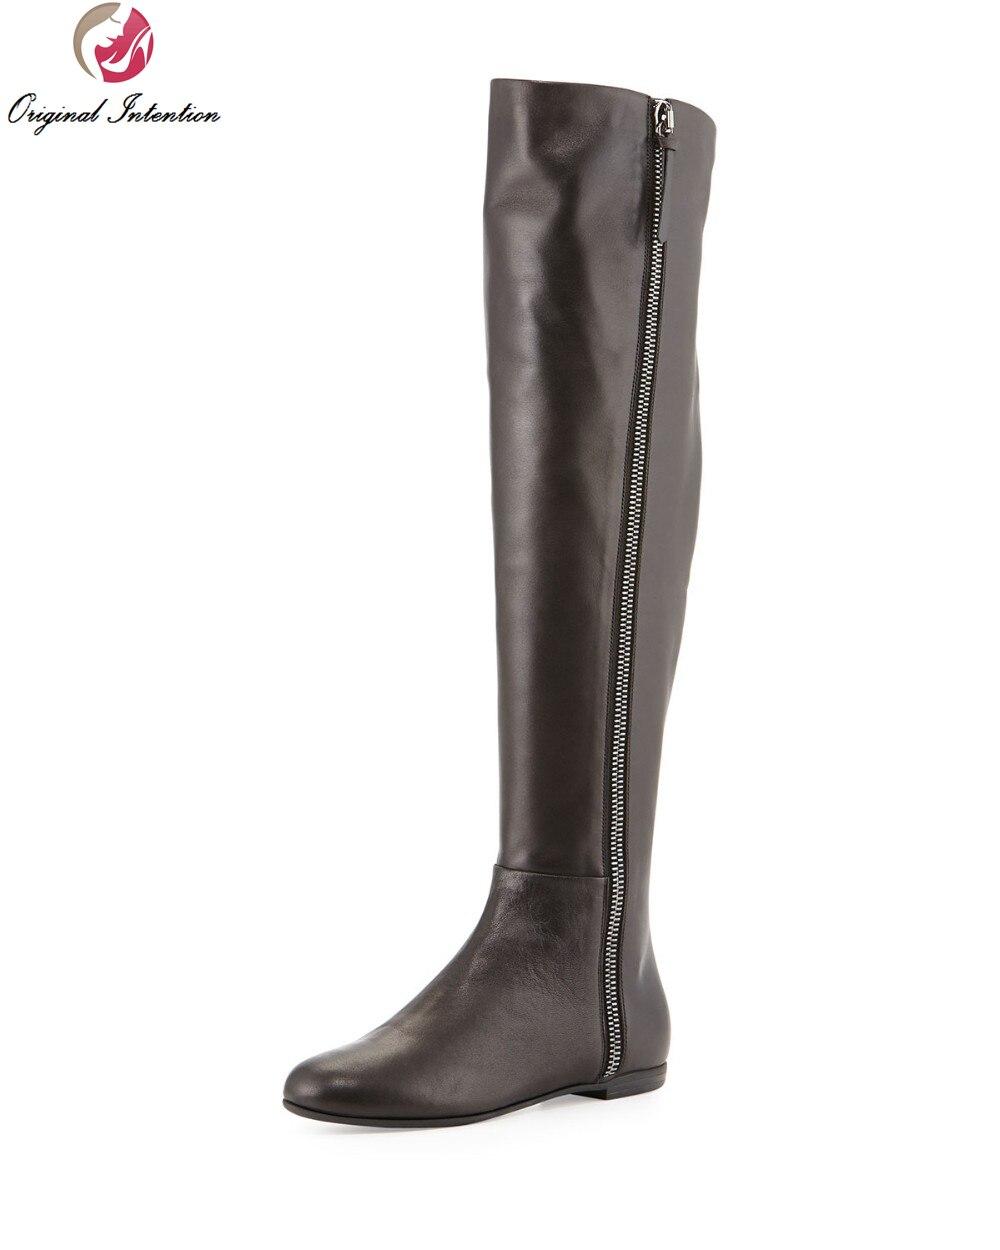 Nouvelle Femmes De Taille Initiale Chaussures Bout Genou Zip Talons Élégant Bottes Vk4811 Rond L'intention Femme À Noir Carrés Du Qualité Plus Haute Hauteur qAE51xX